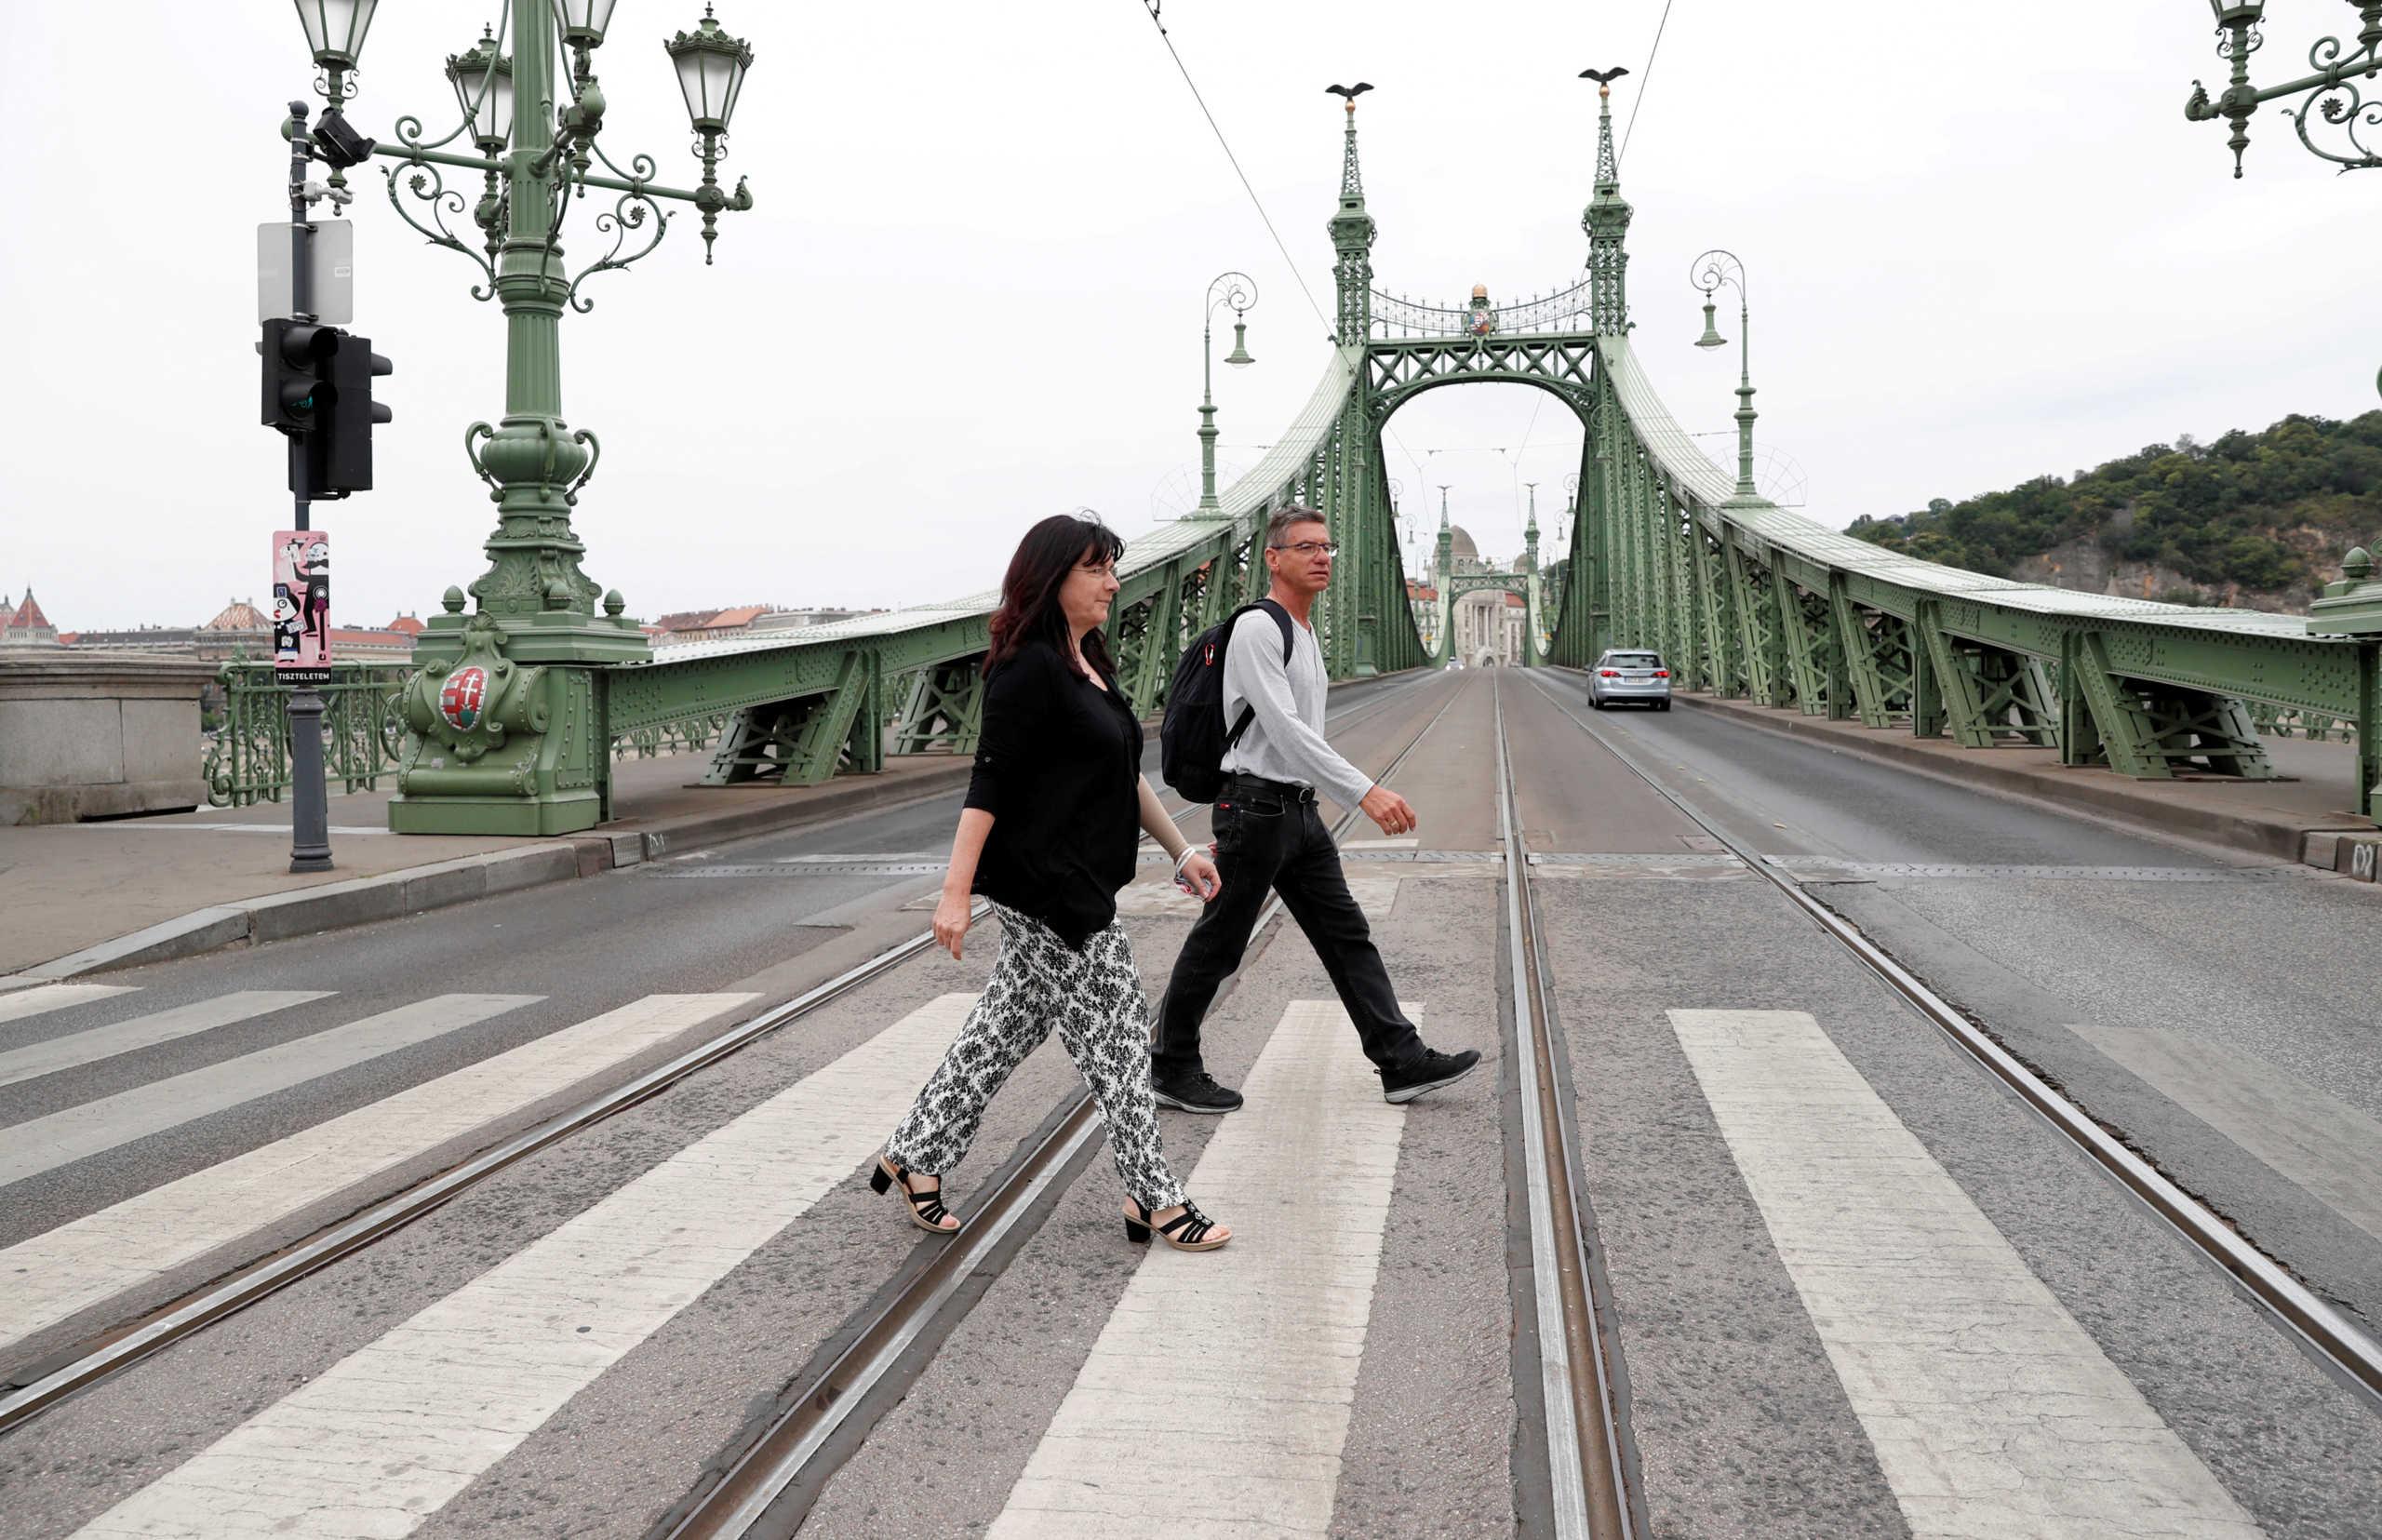 Ουγγαρία απαγόρευση κυκλοφορίας